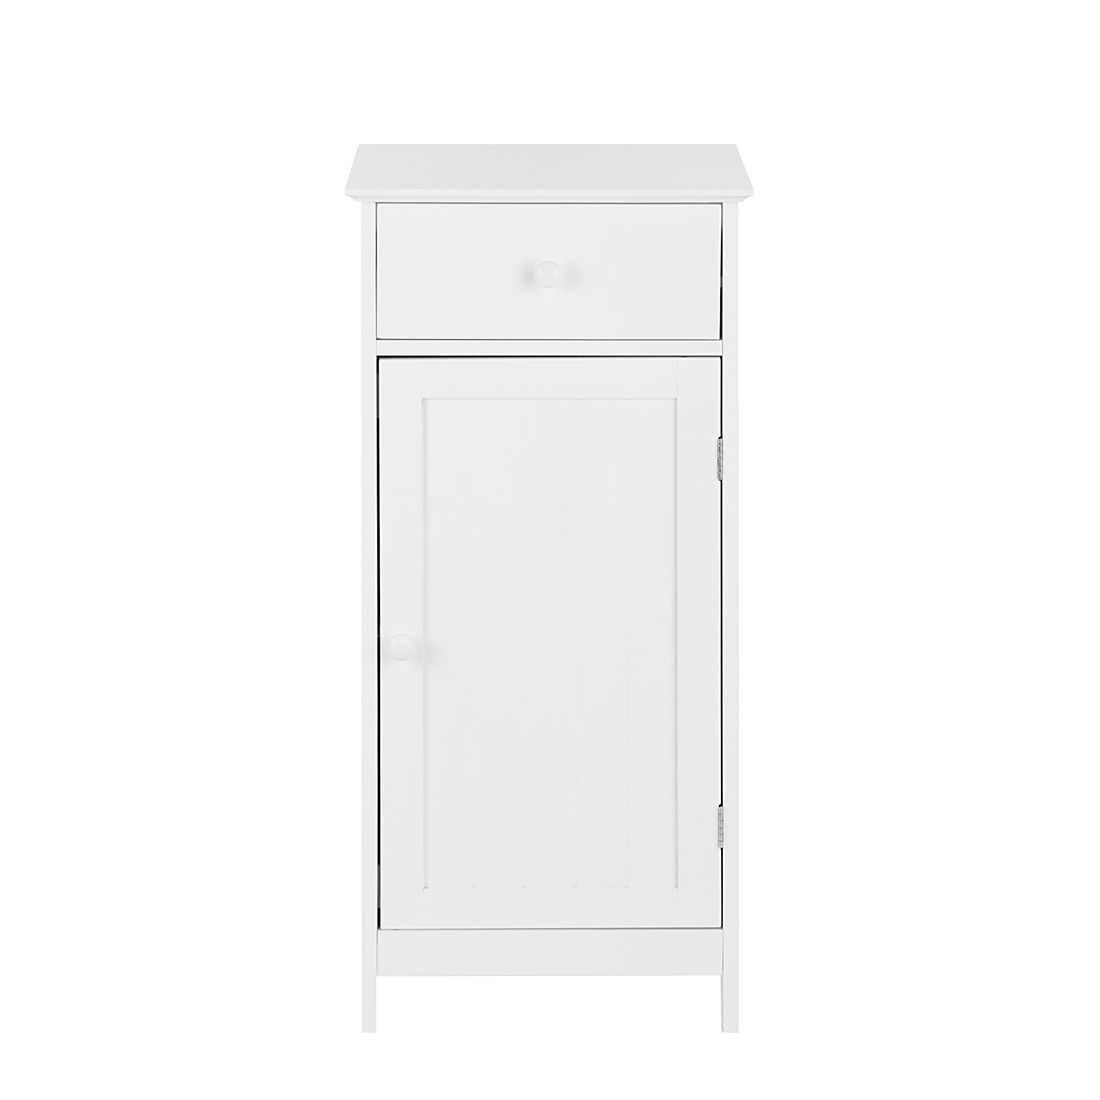 unterschrank turin wei badschrank badezimmer schrank badm bel hochschrank ebay. Black Bedroom Furniture Sets. Home Design Ideas